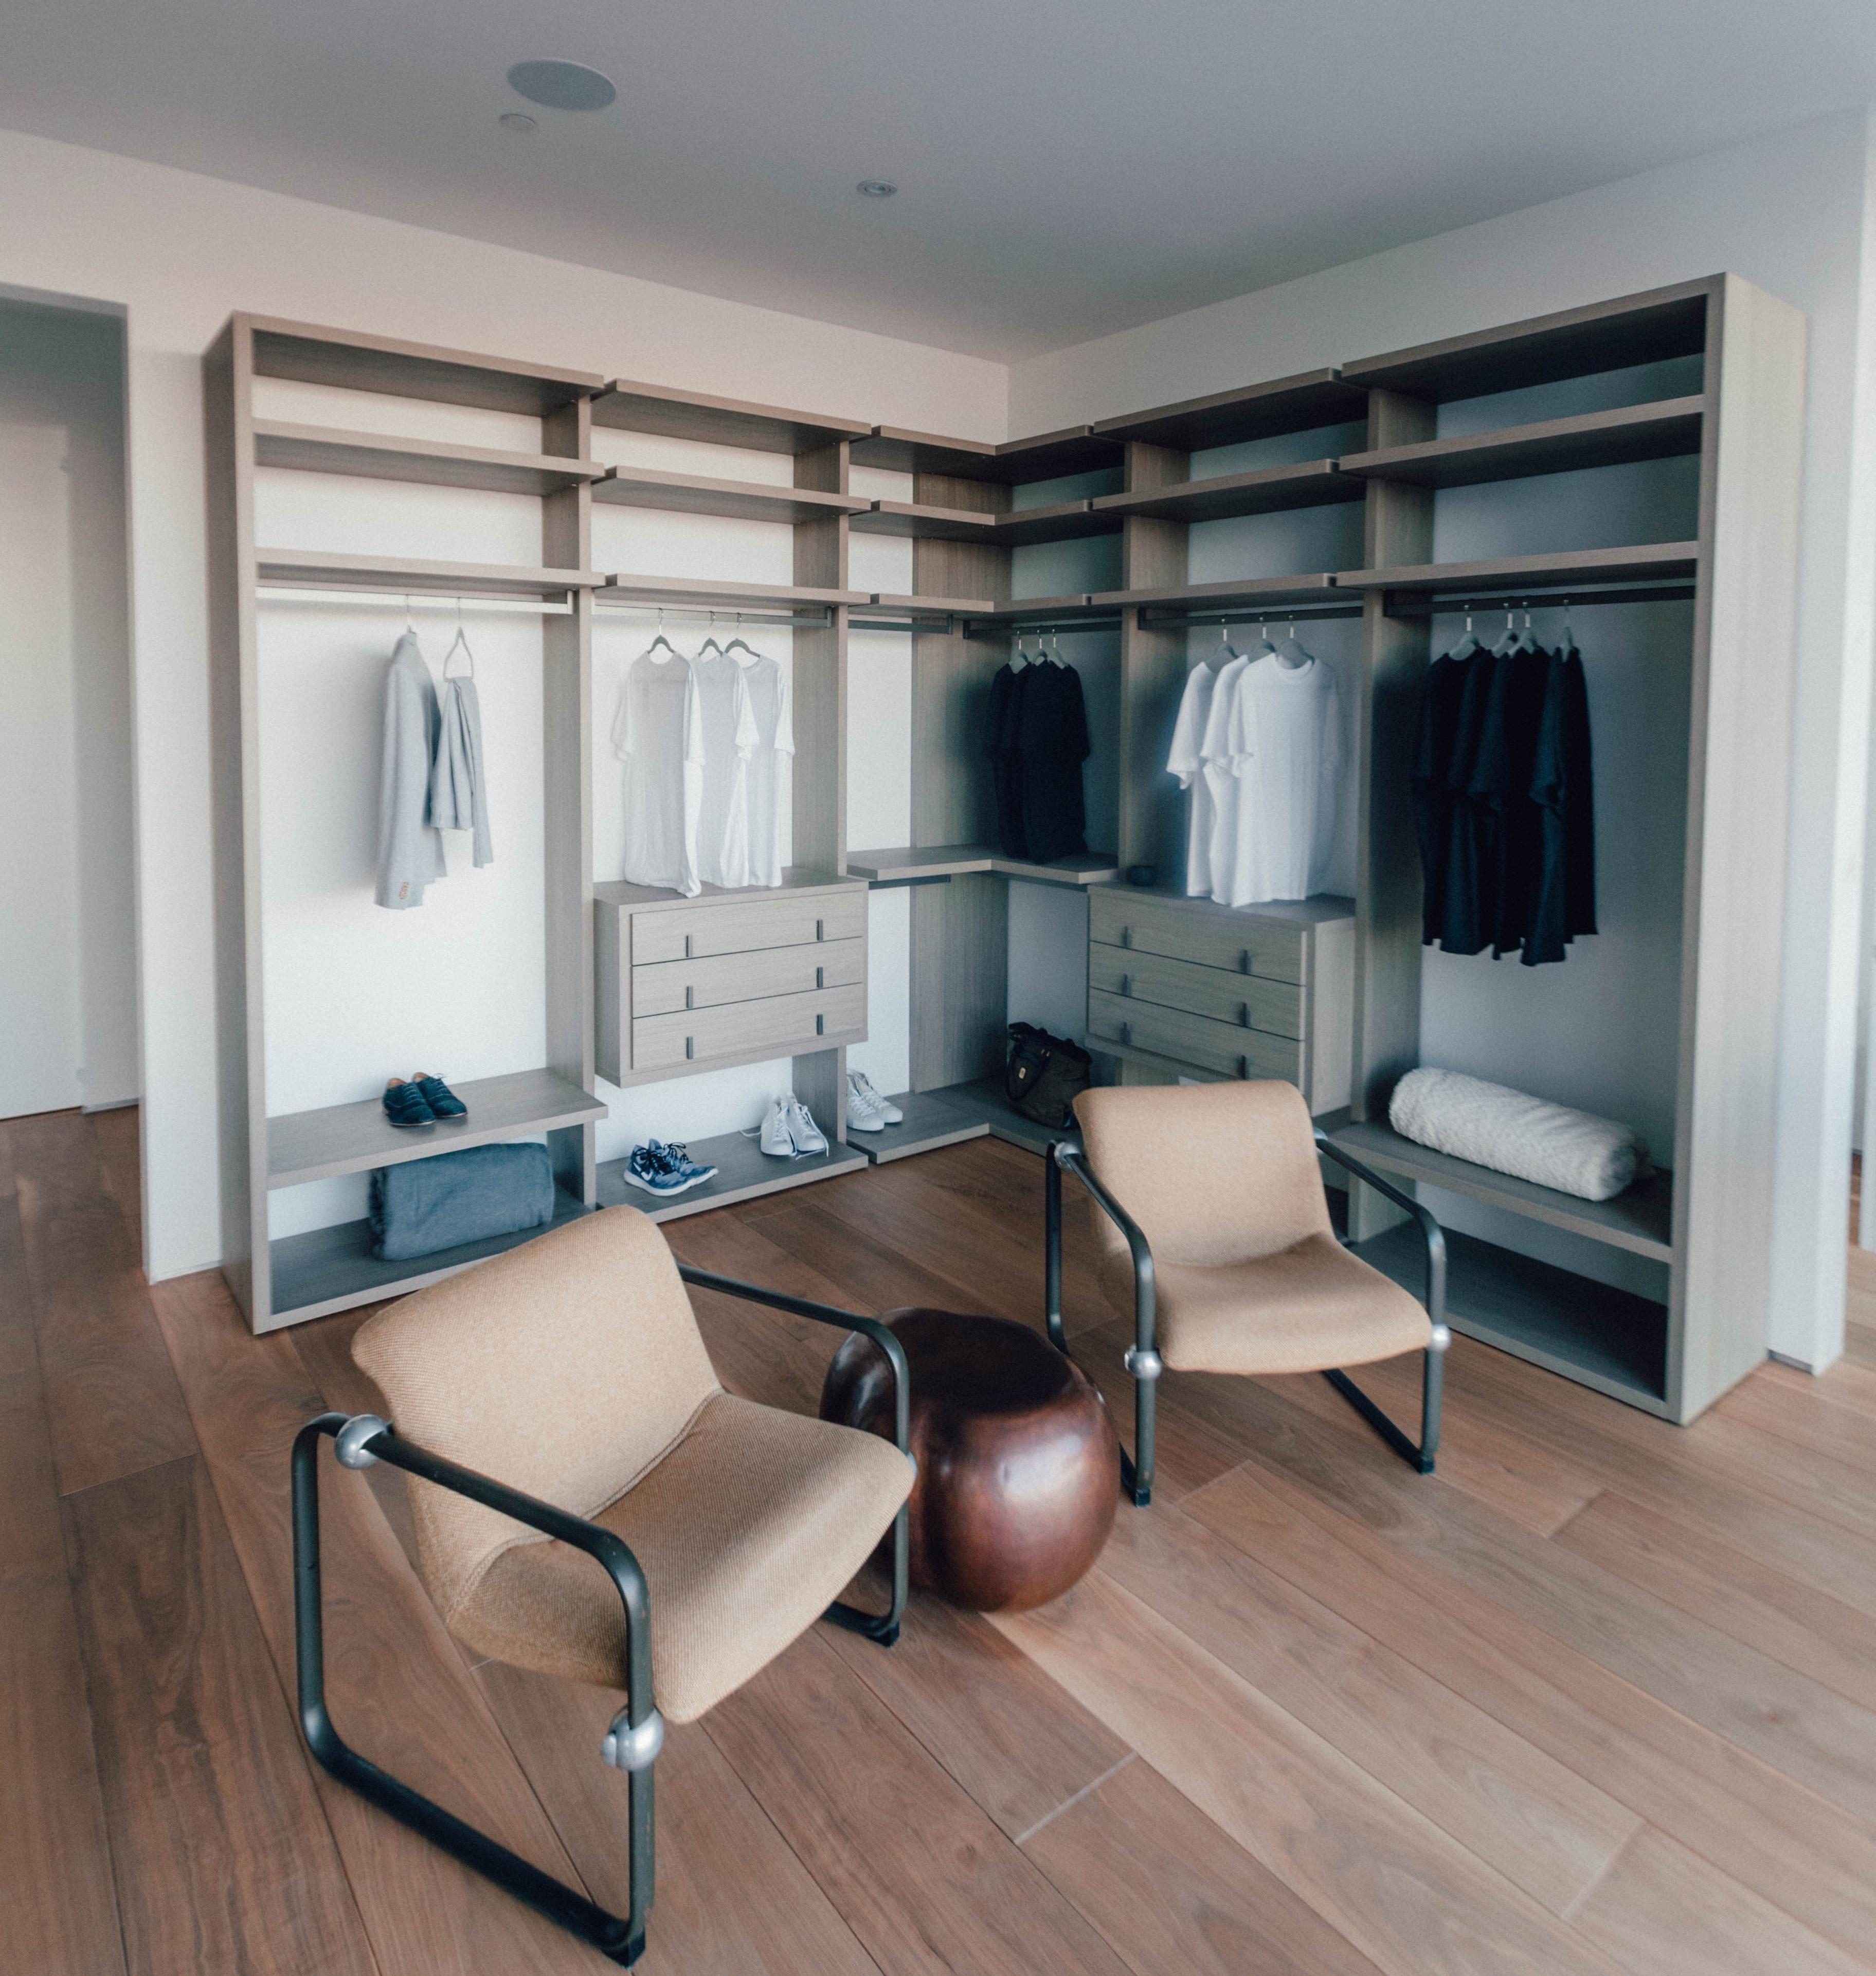 organiseren kledingkast